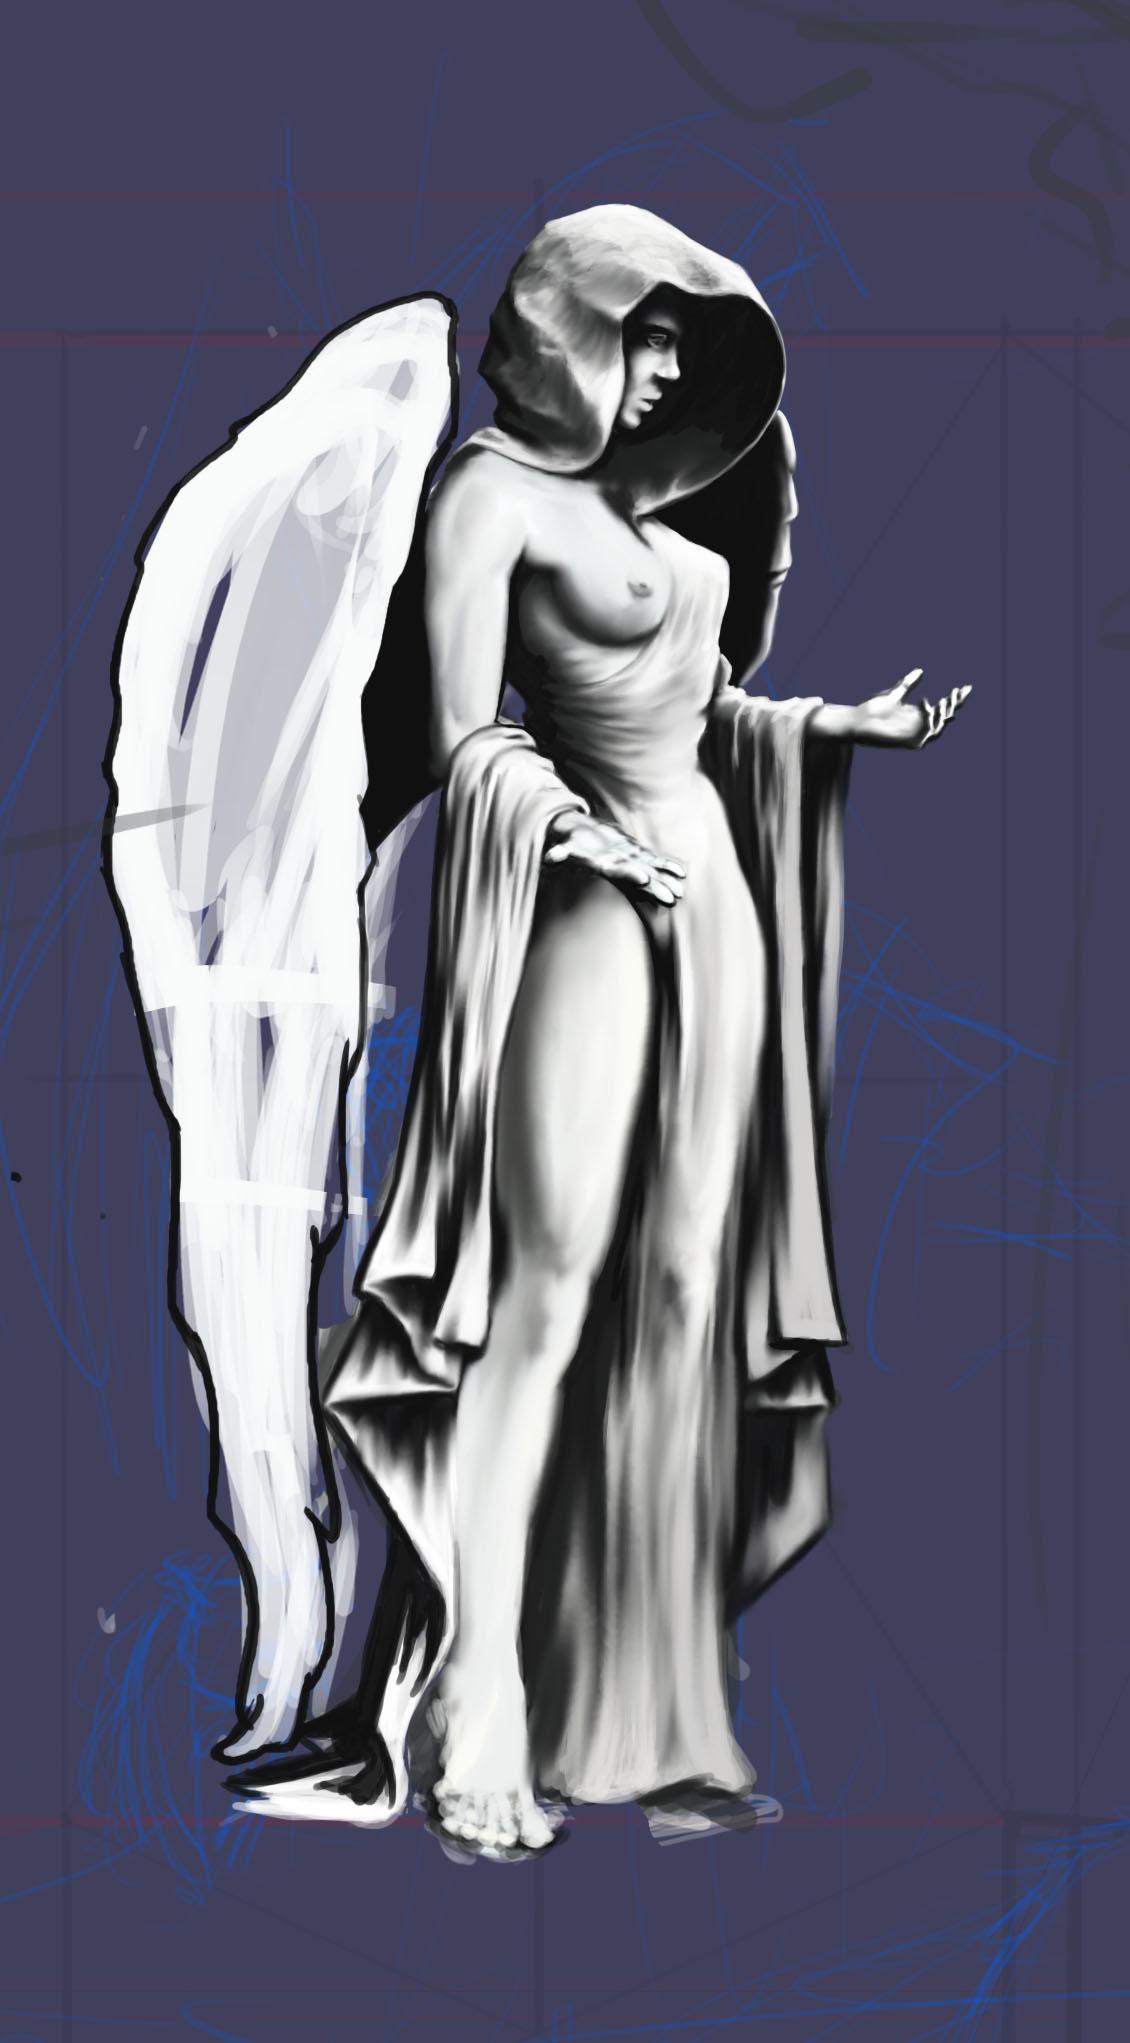 Sculpture of Angel?